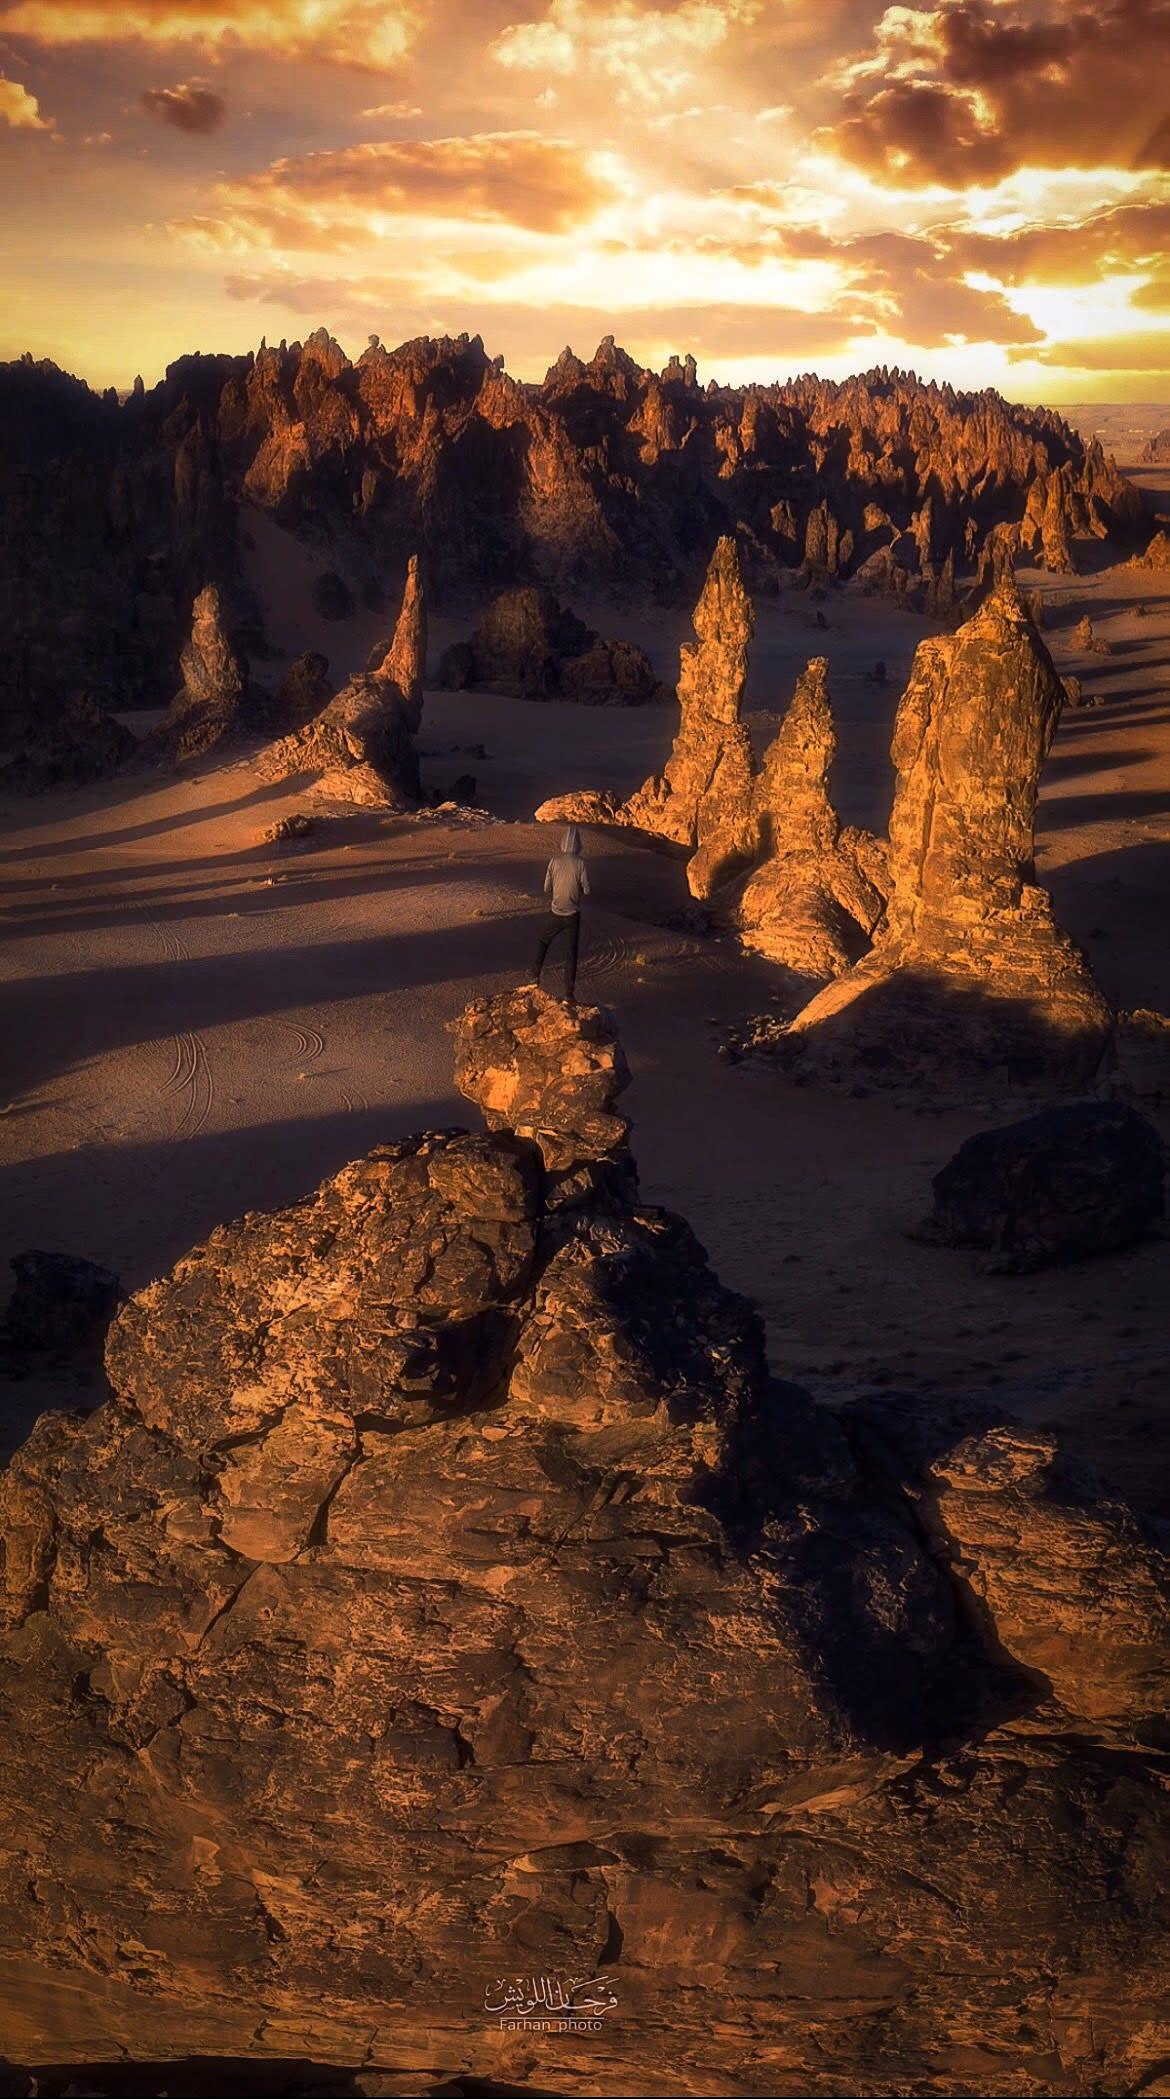 تتفرد بغرابتها.. مصور يوثق سلسلة جبال بالسعودية أدهشت الرحالة الأوروبيين قبل أكثر من قرن